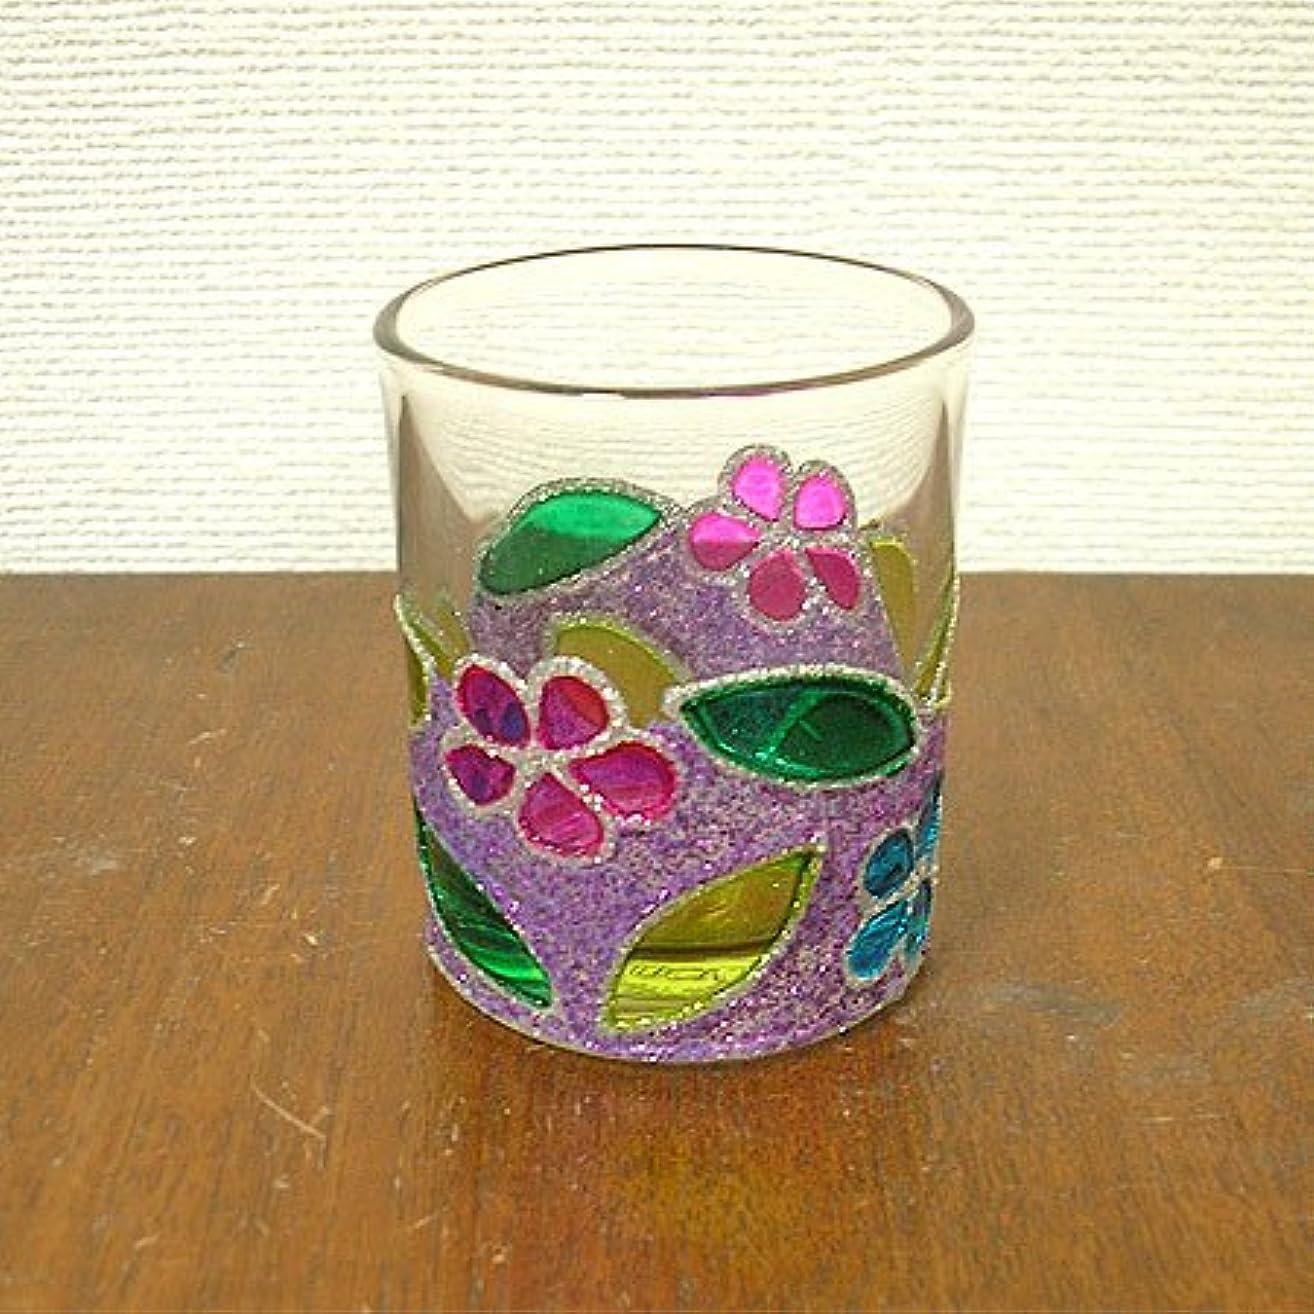 貴重なインシデント杭アジアン キャンドルホルダー カップ グラス 花柄 パープル アジアン雑貨